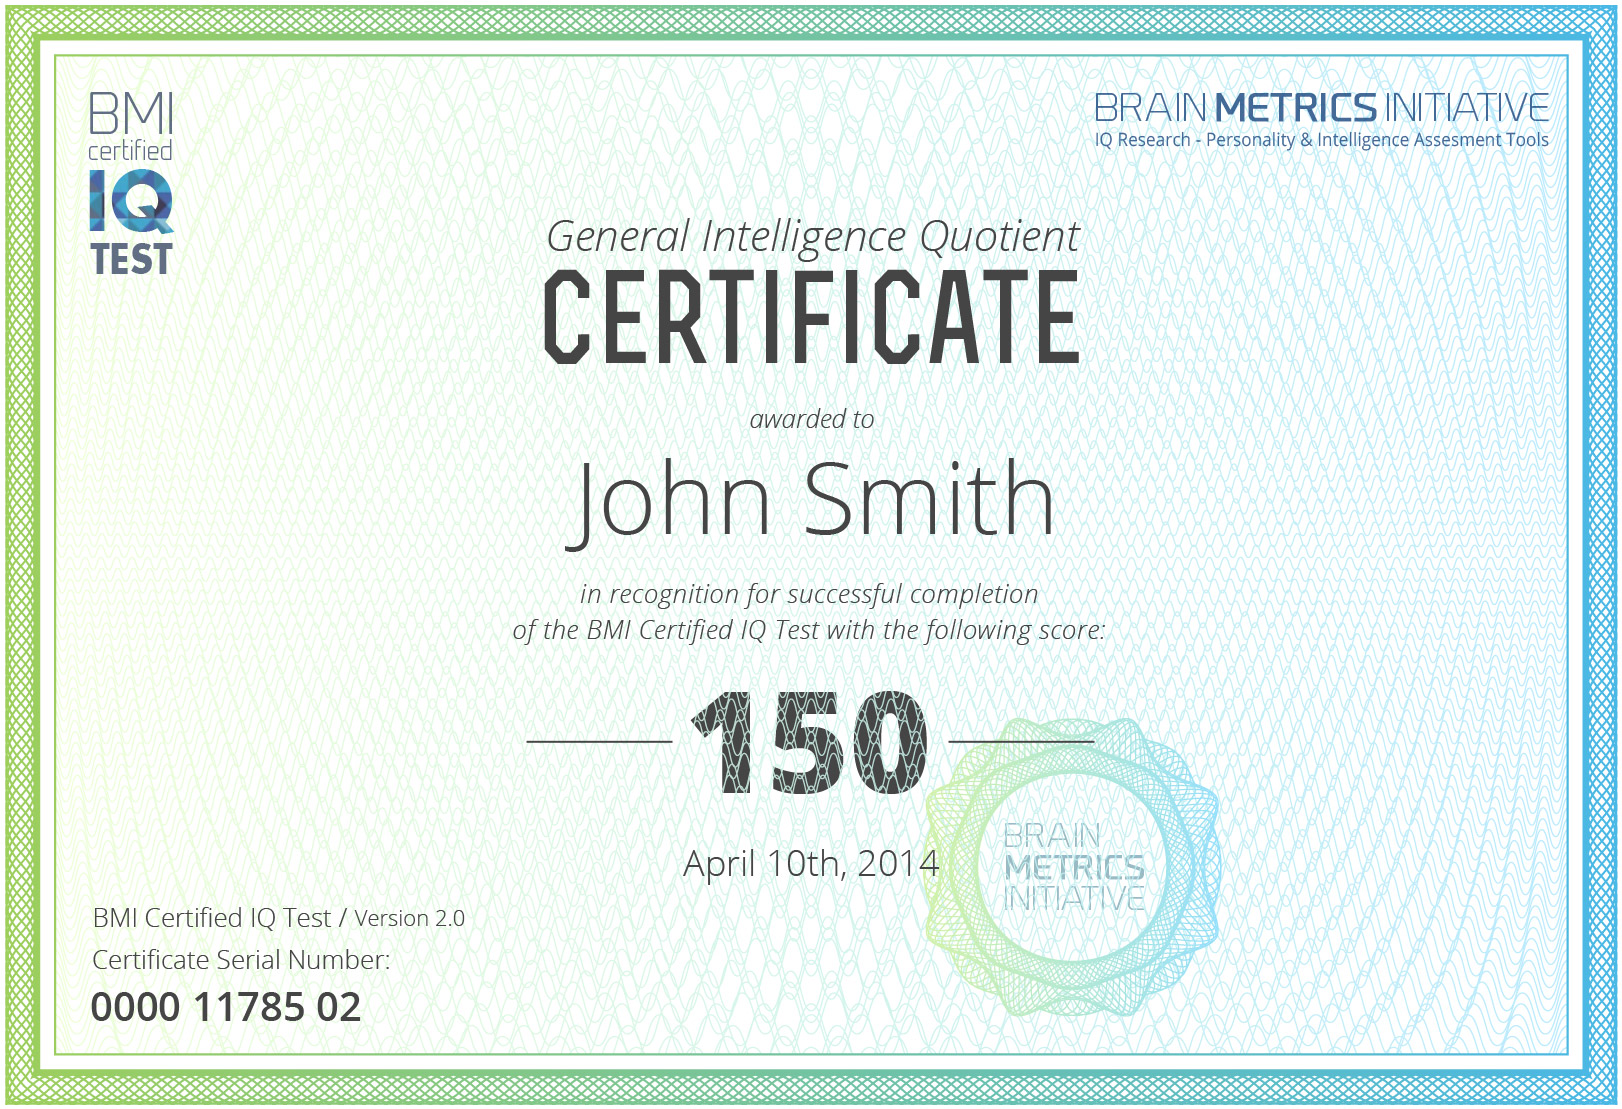 BMI IQ Test Certificate